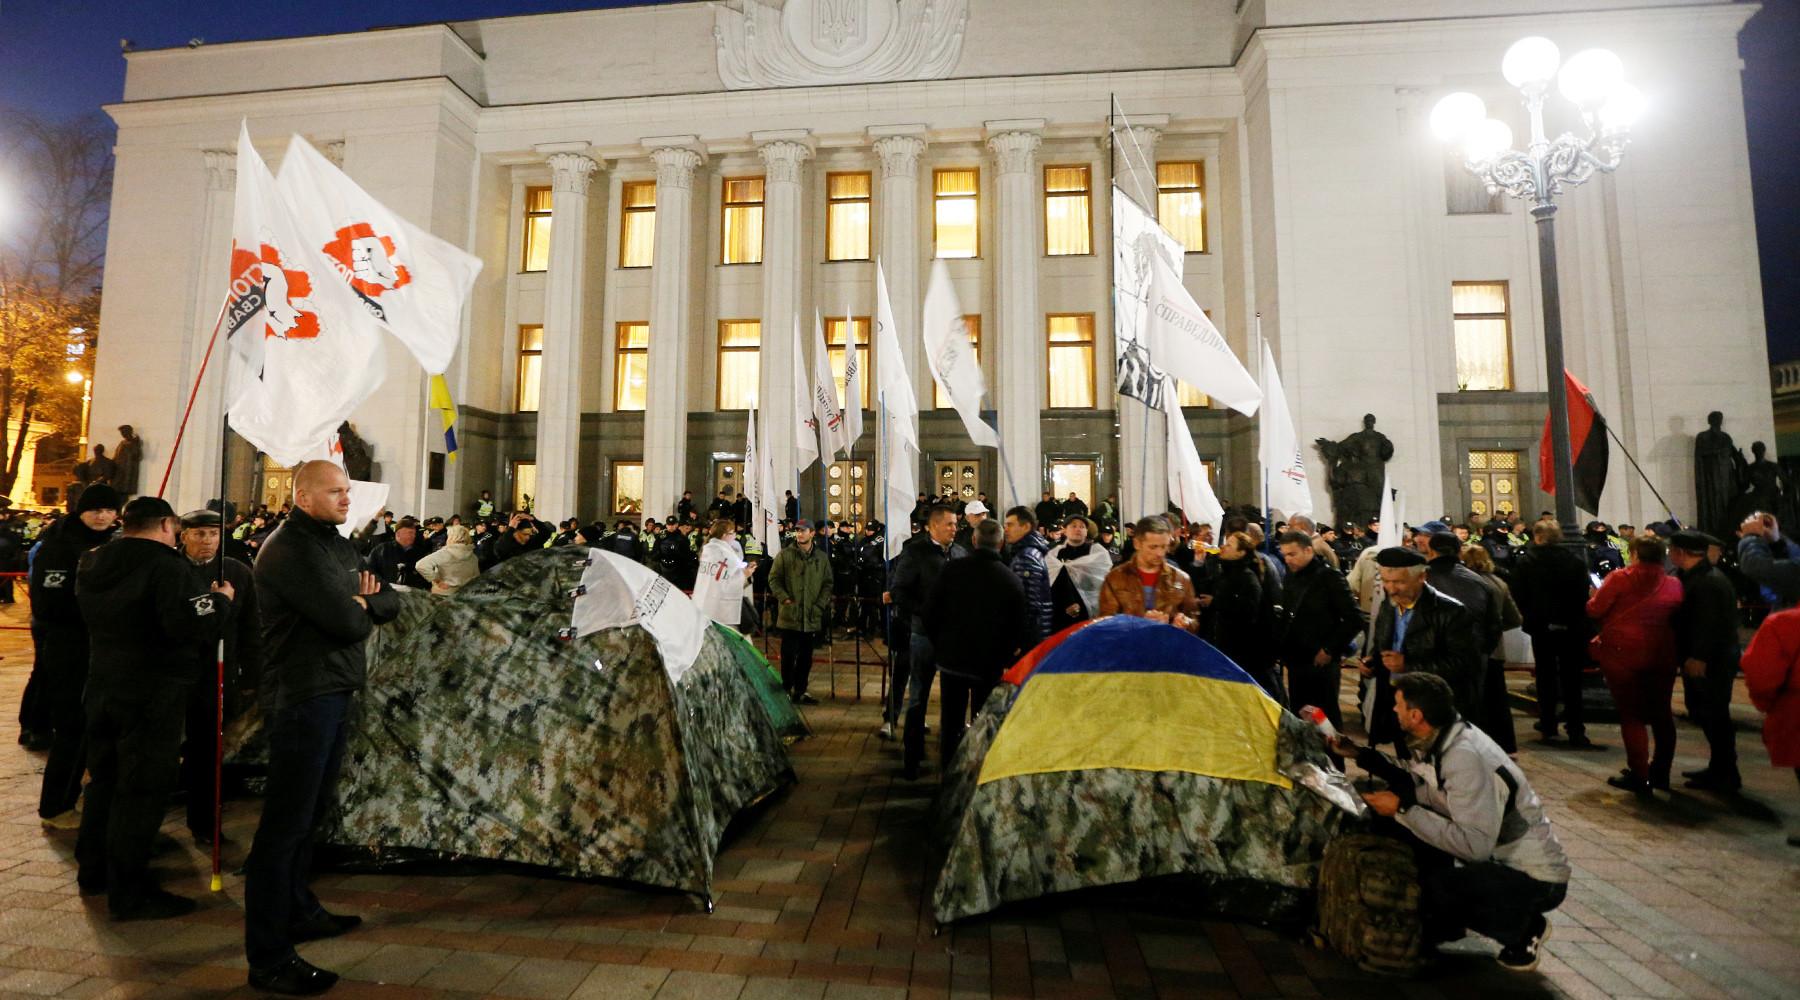 Ночной протест возле Рады: активисты рассказали, как накажут нардепов, если они провалят голосование за закон о снятии неприкосновенности